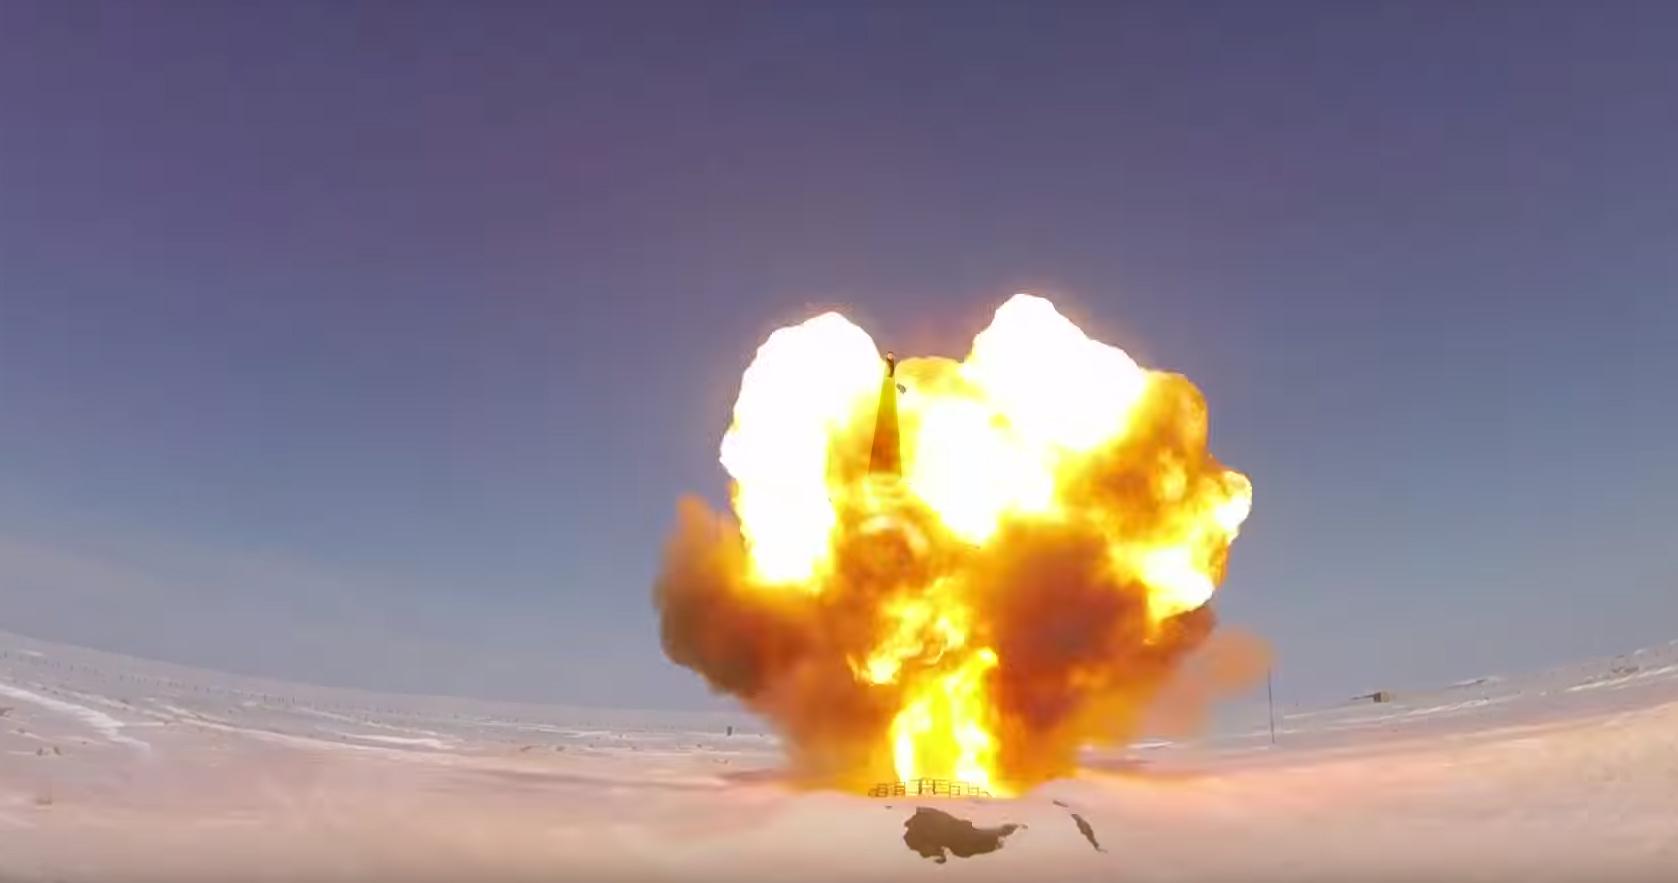 Скачать звук ракеты с отчетом